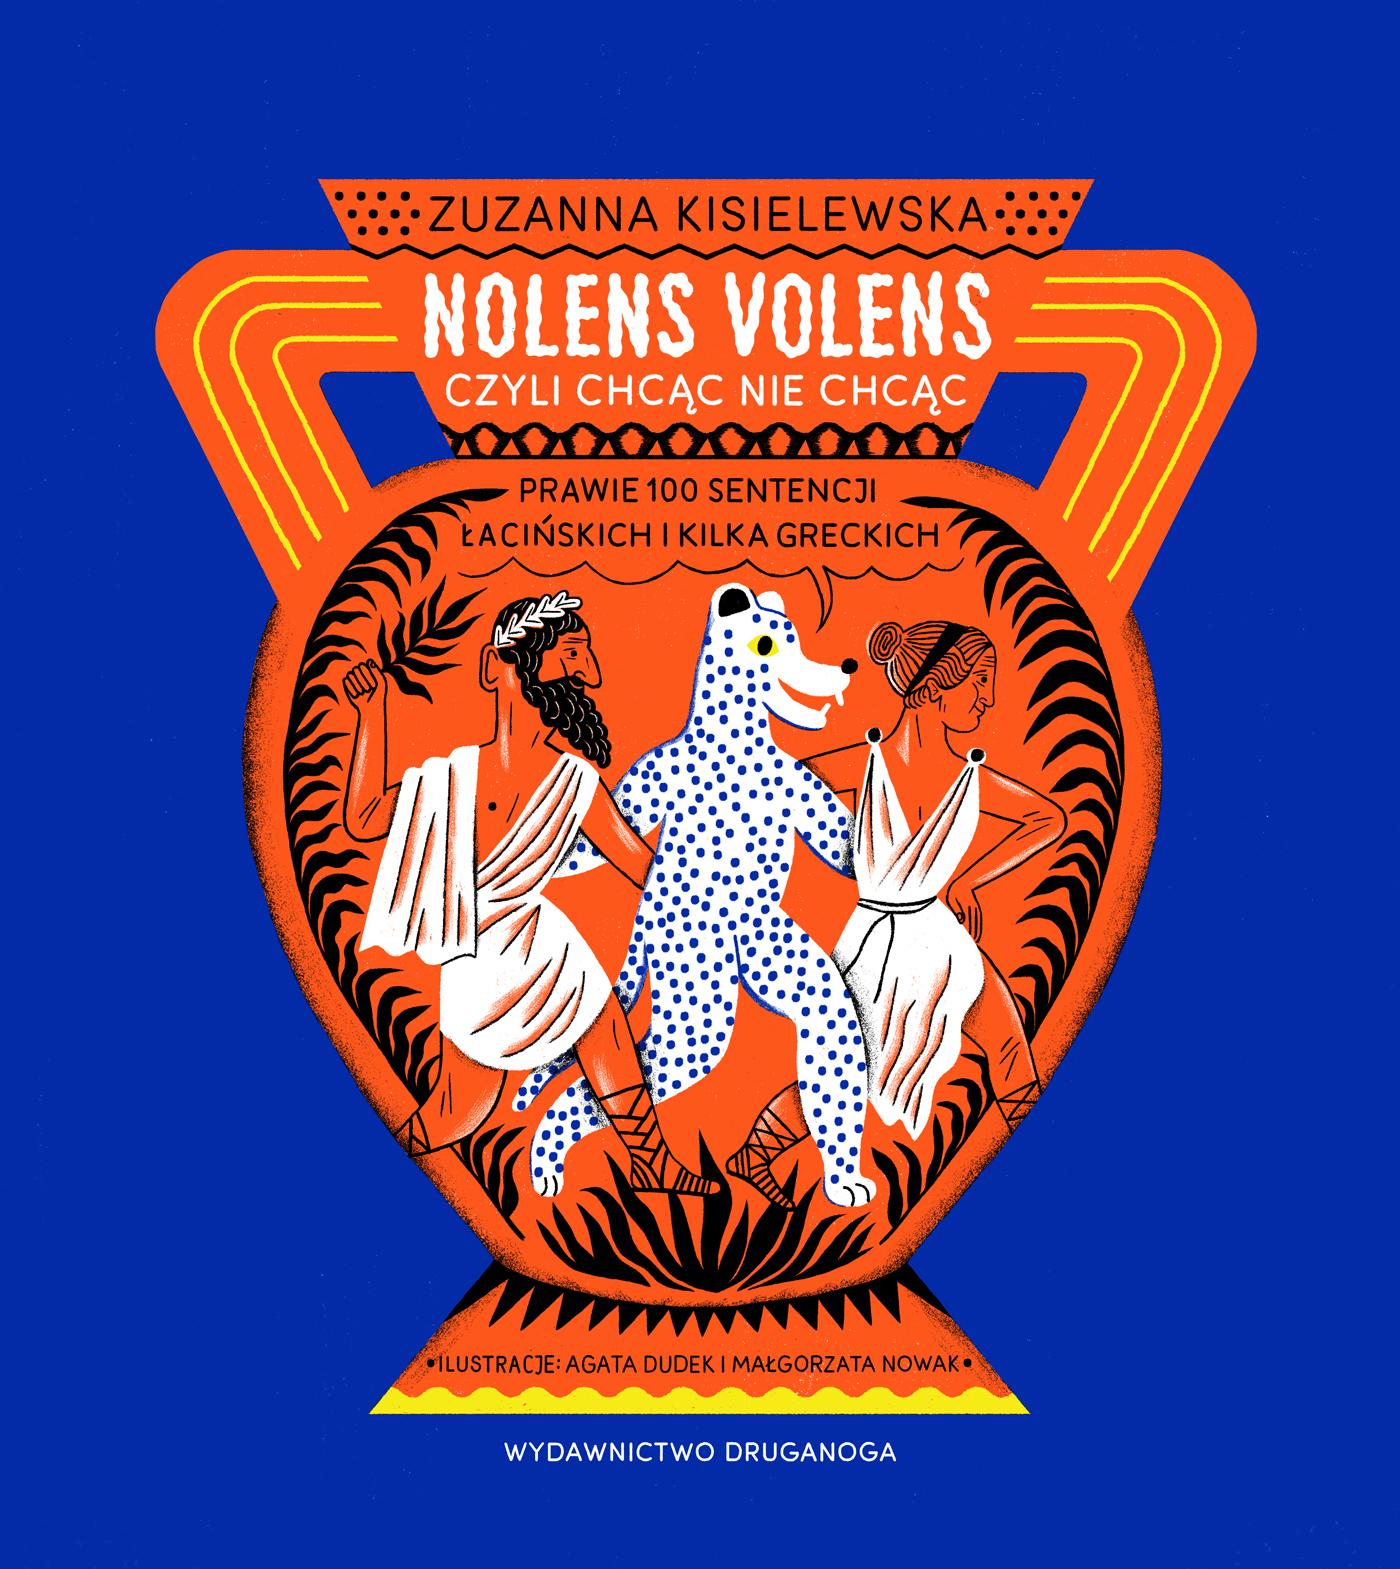 Nolens volens czyli chcąc nie chcąc. Prawie 100 sentencji łacińskich i kilka greckich